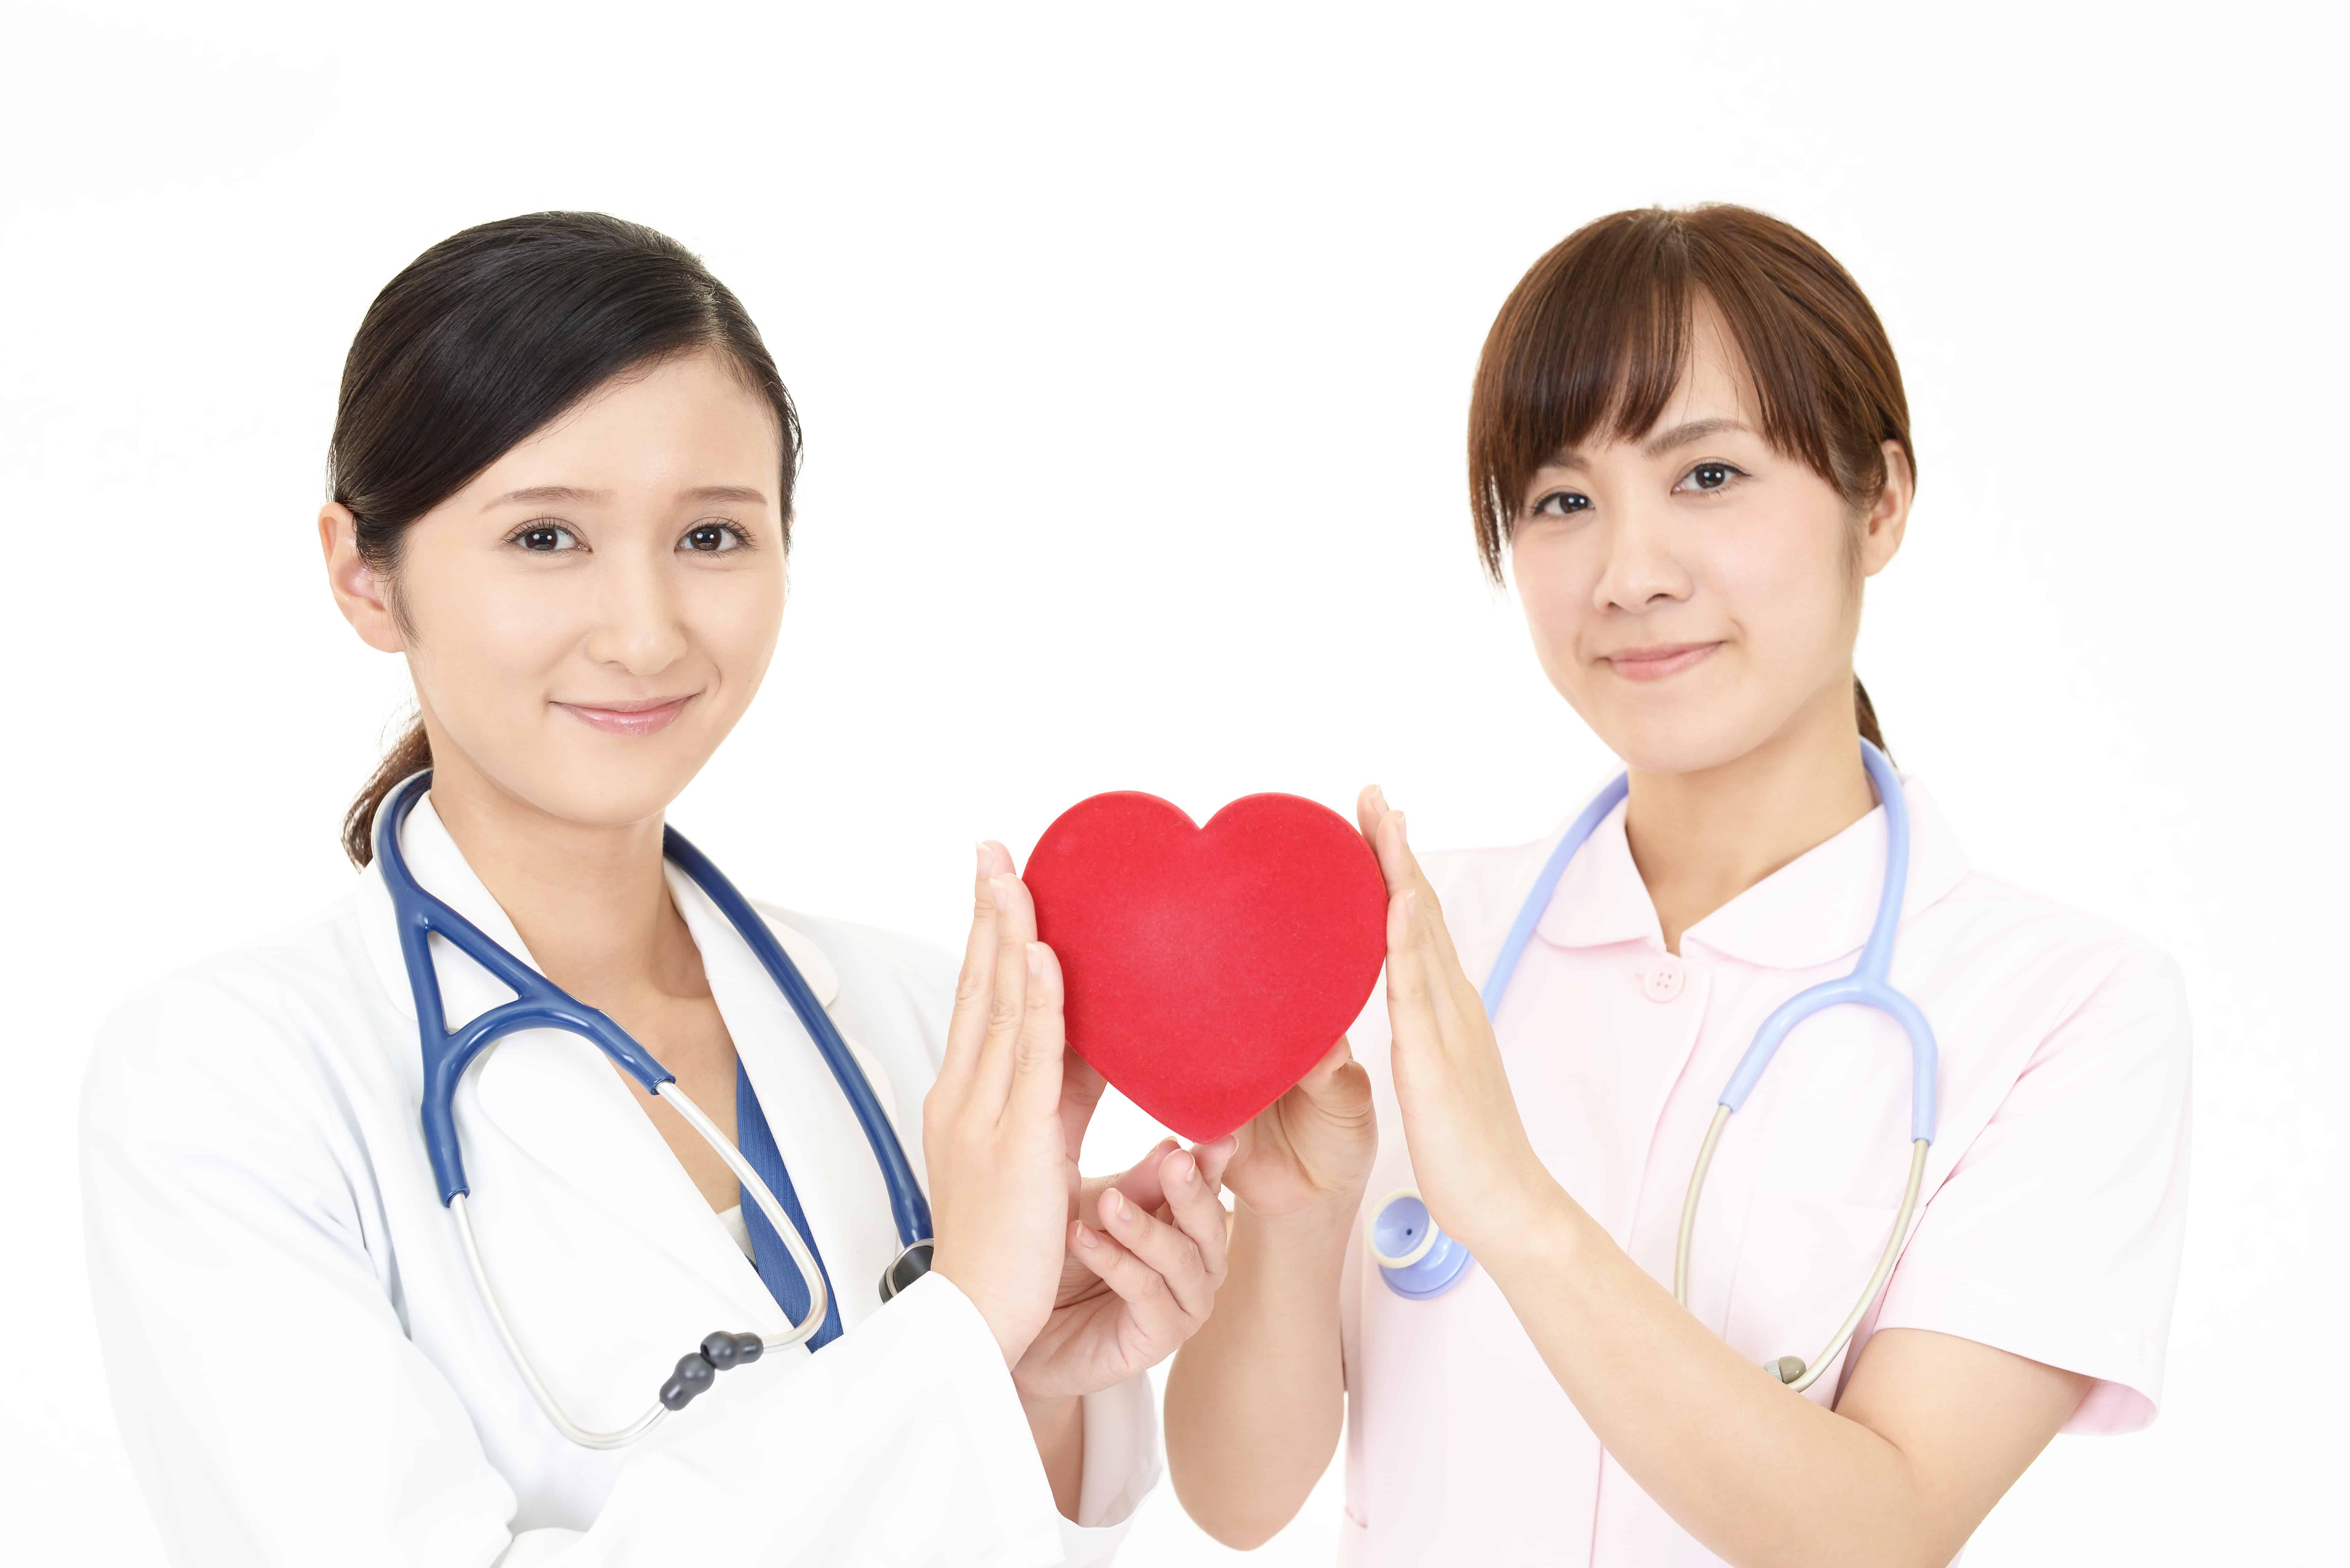 ハートを持つ二人の看護師